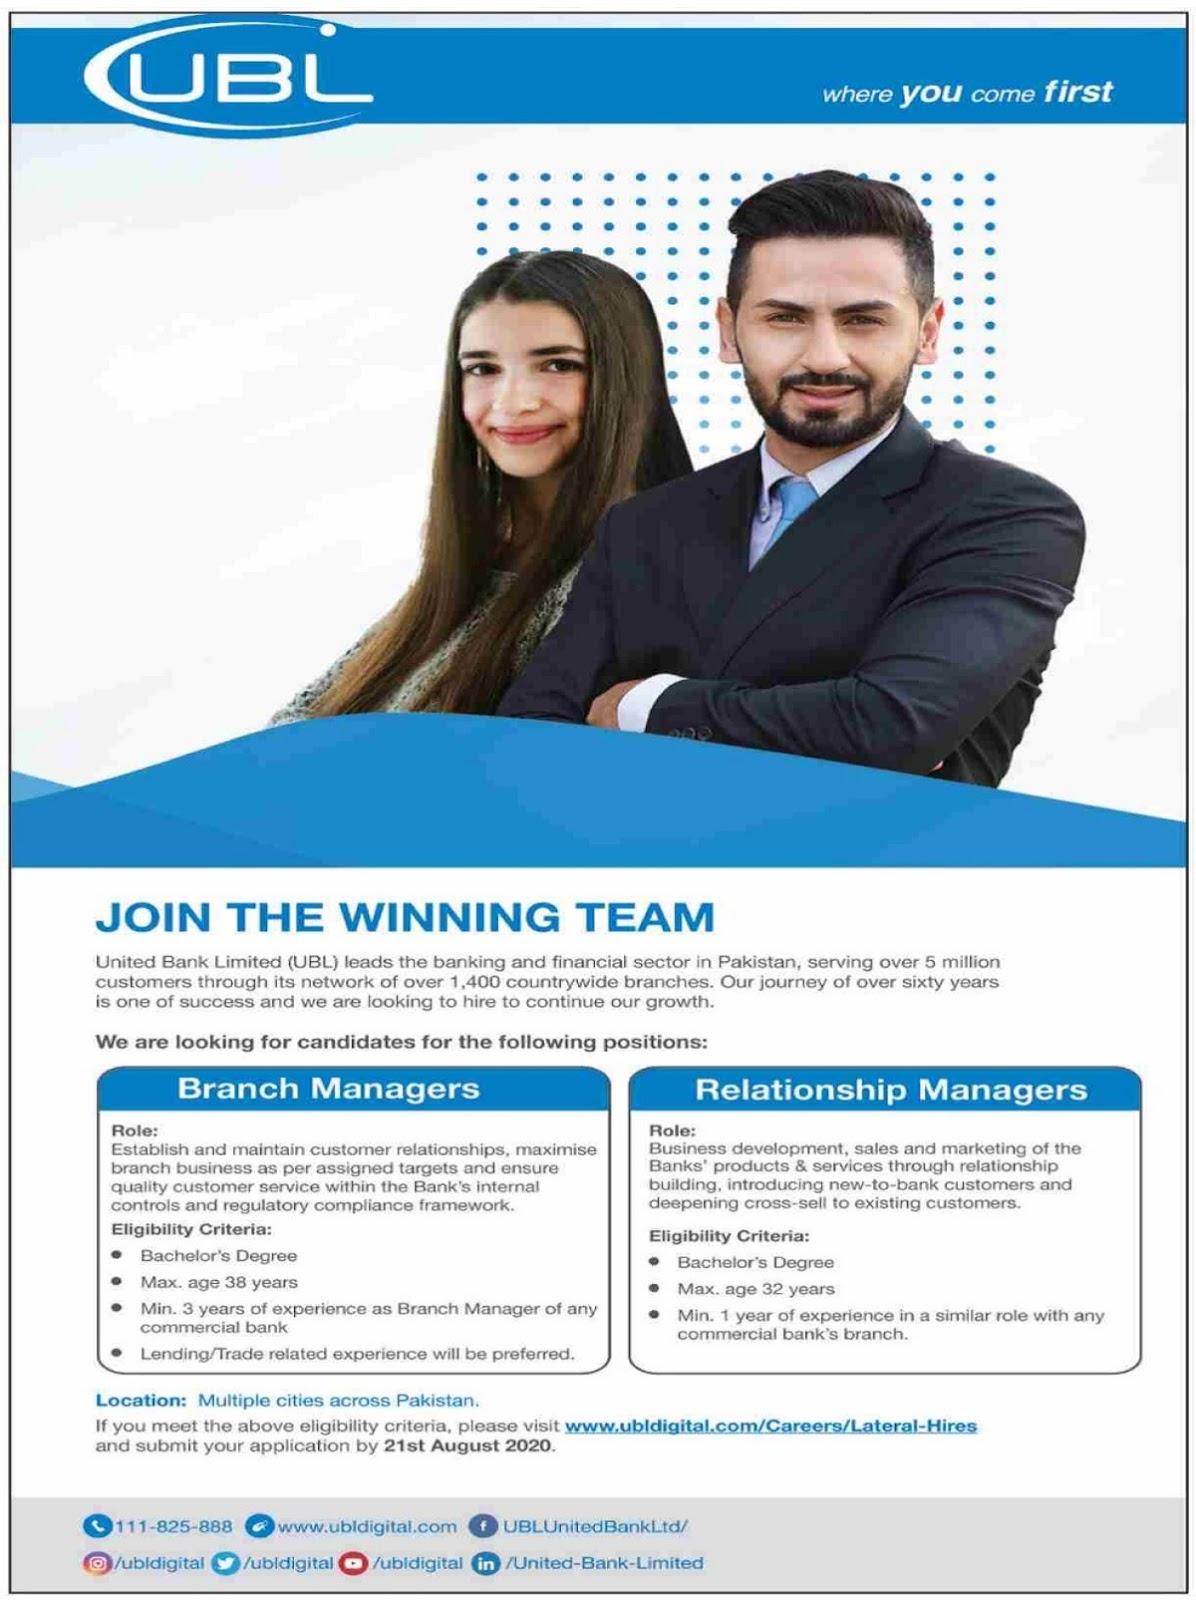 United Bank Limited UBL Karachi Jobs 2020 for Branch Manager & Relationship Manager